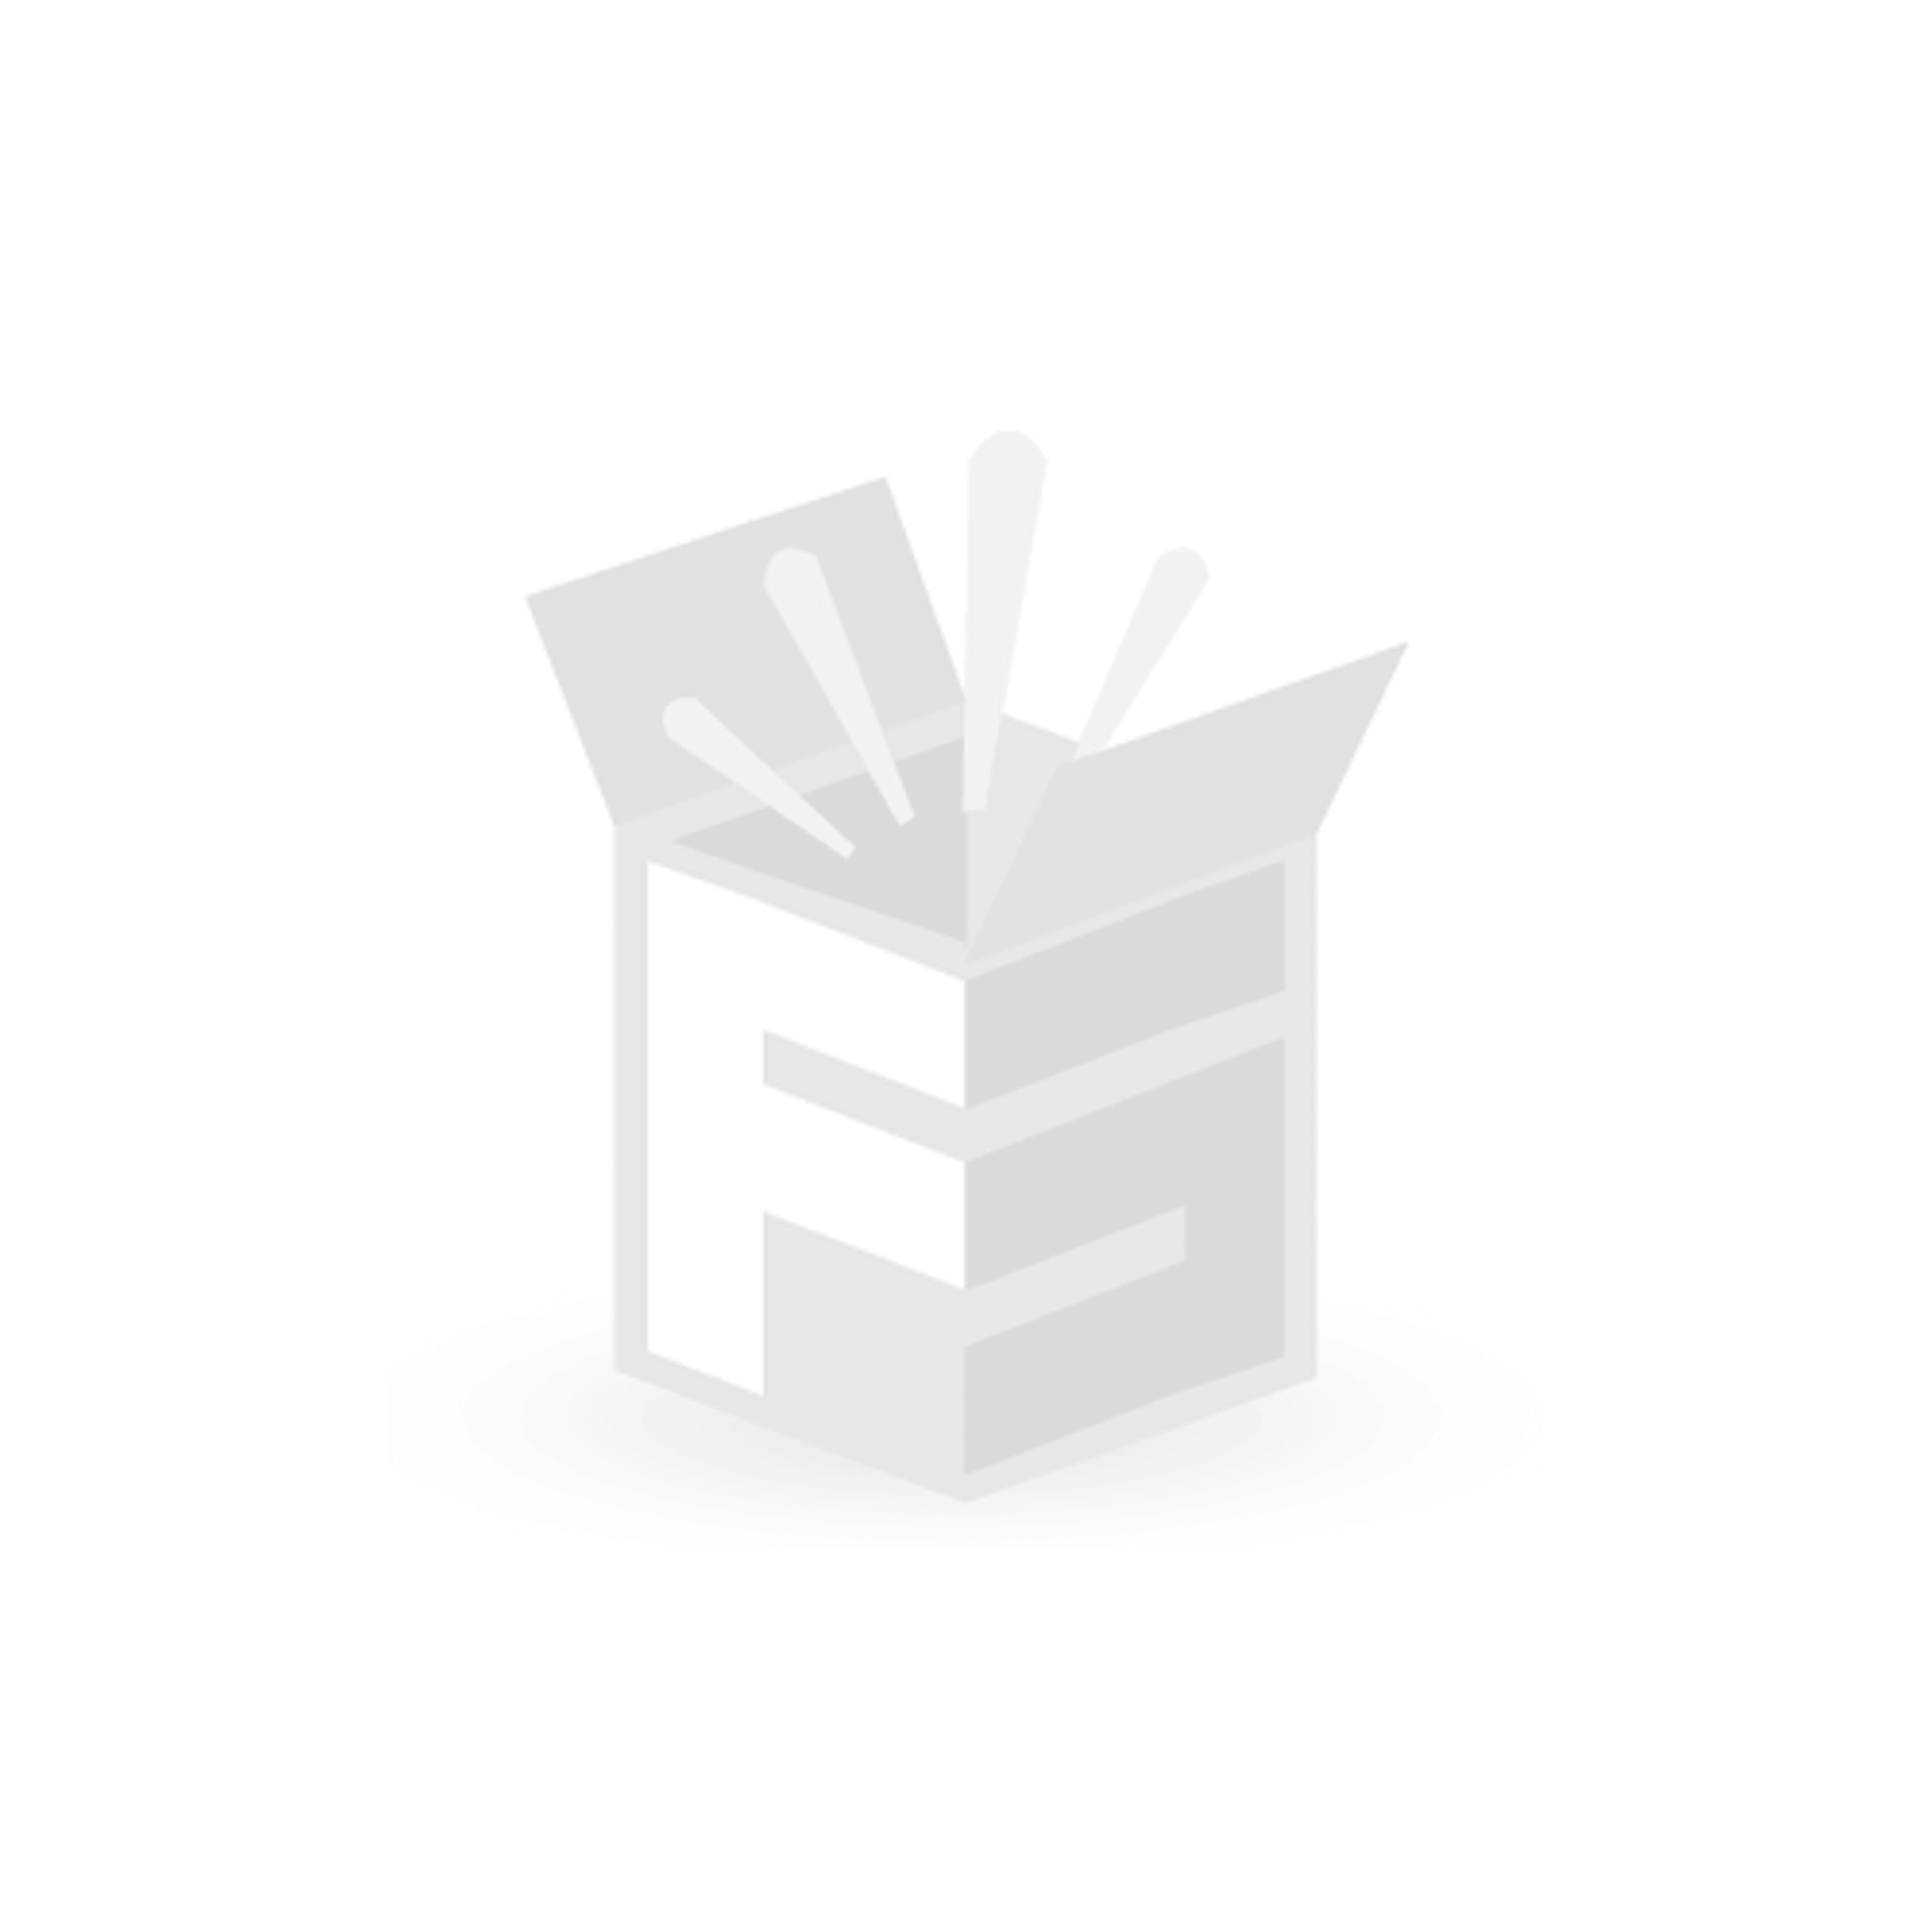 bosch winkelschleifer gws18 125v li inkl koffer ohne akku und ladeger t. Black Bedroom Furniture Sets. Home Design Ideas